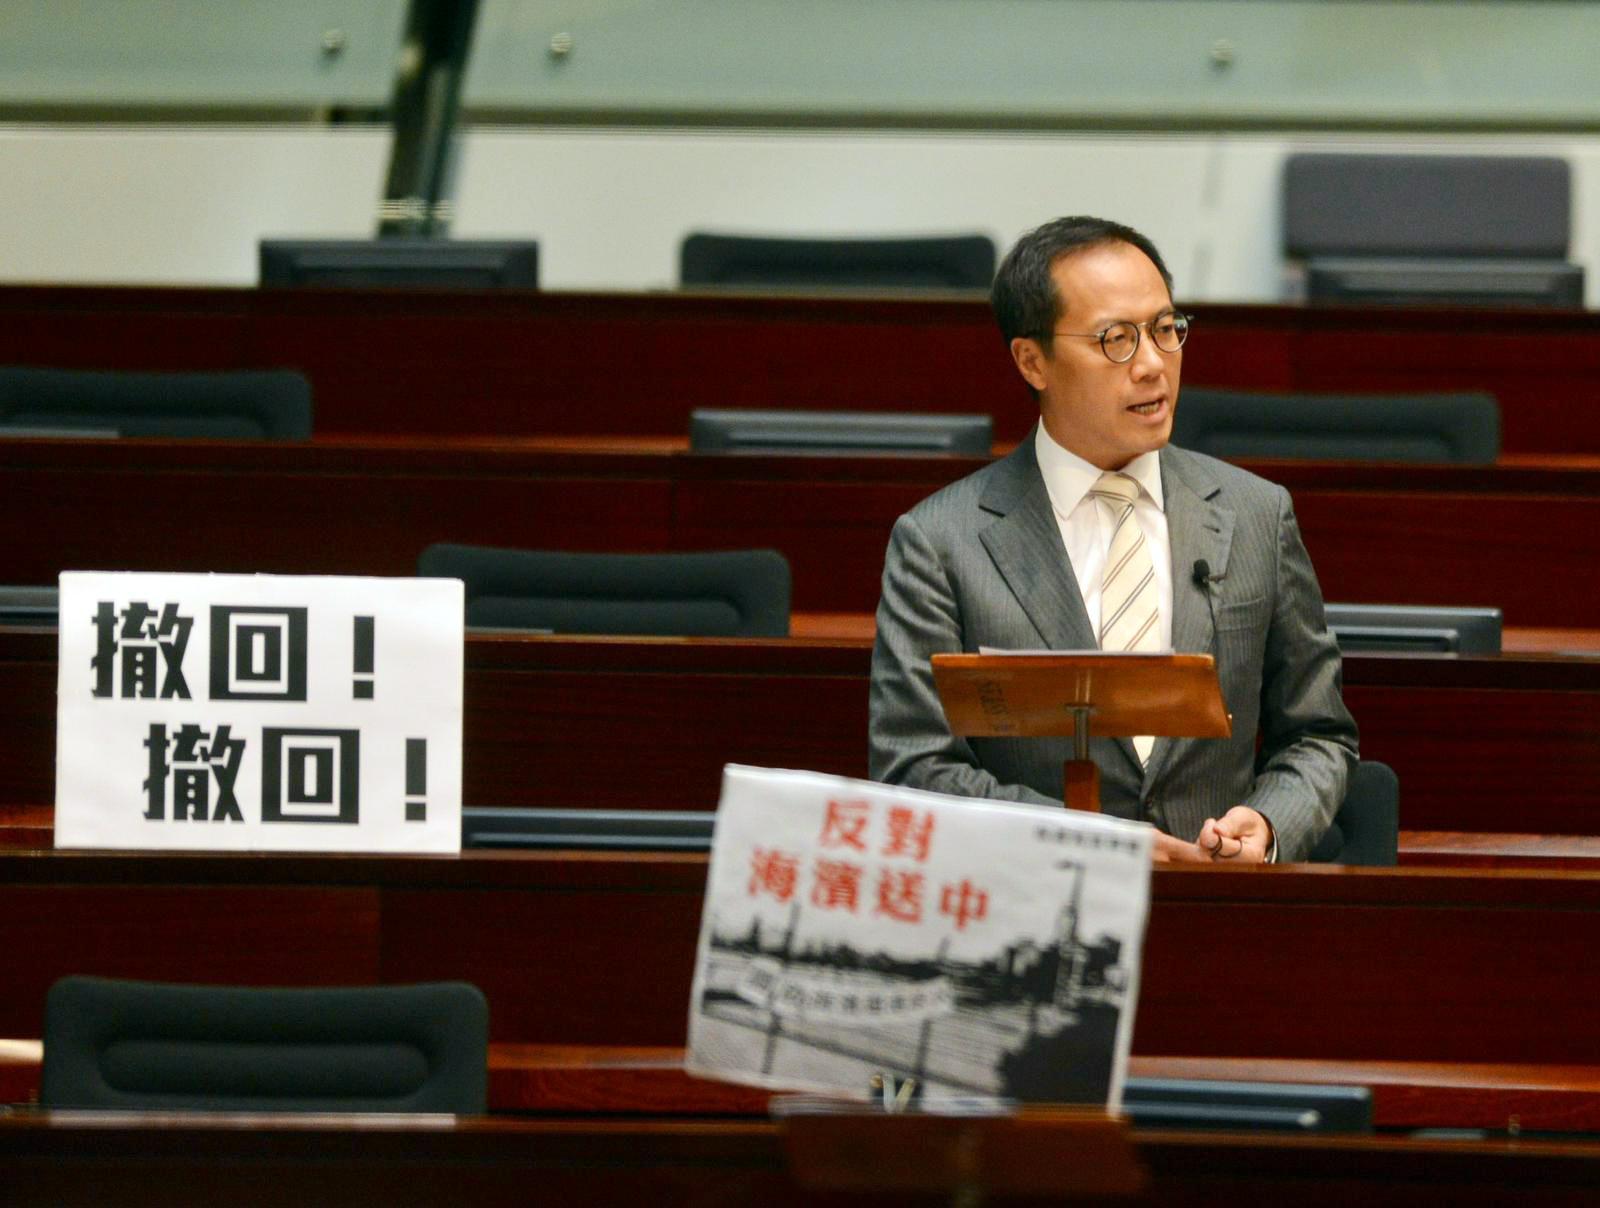 梁繼昌說,有必要成立一個獨立調查委員會,審視近日的警民衝突。